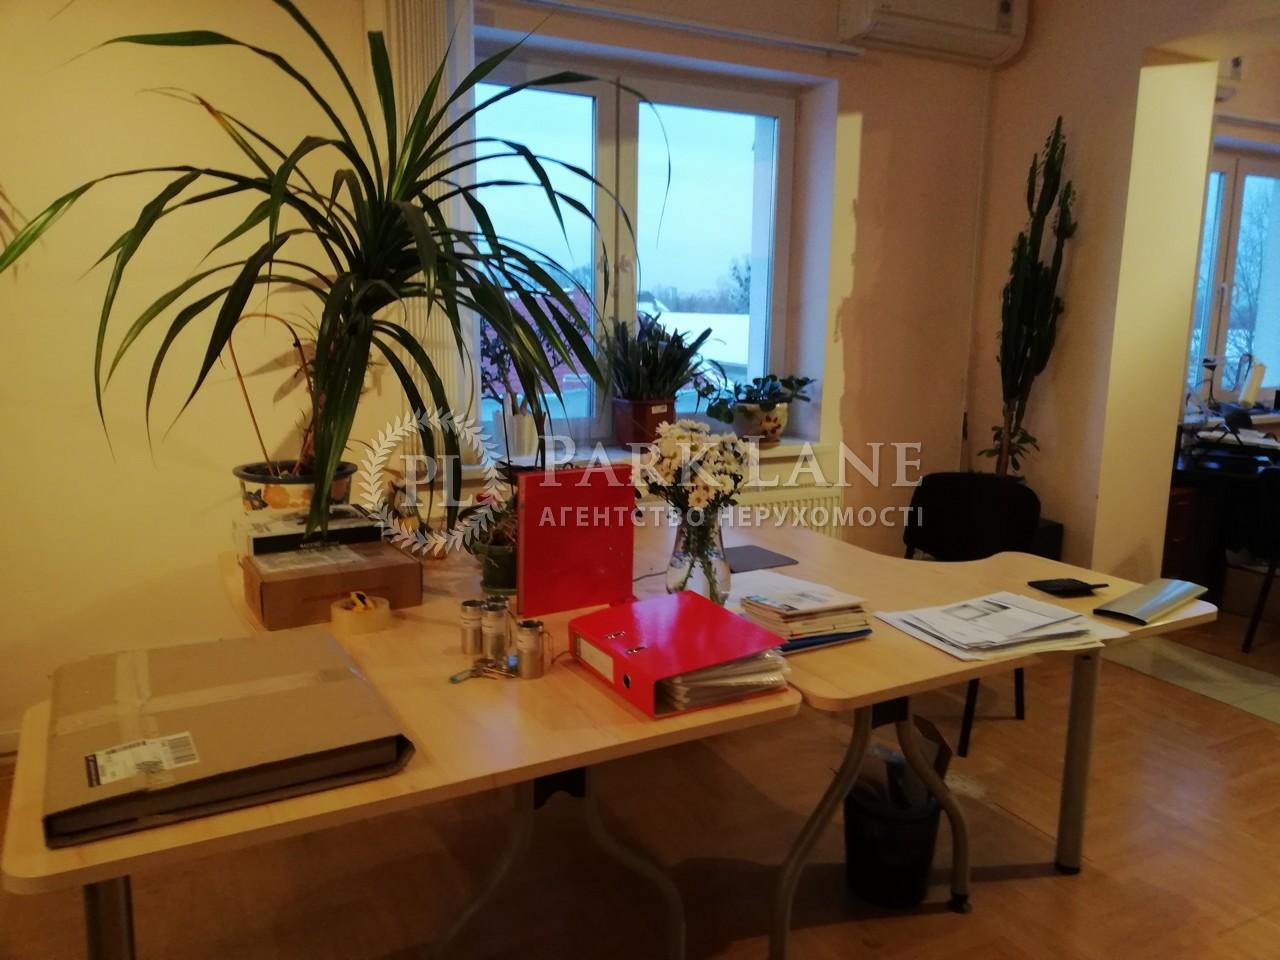 Нежилое помещение, ул. Горького, Софиевская Борщаговка, I-28354 - Фото 3